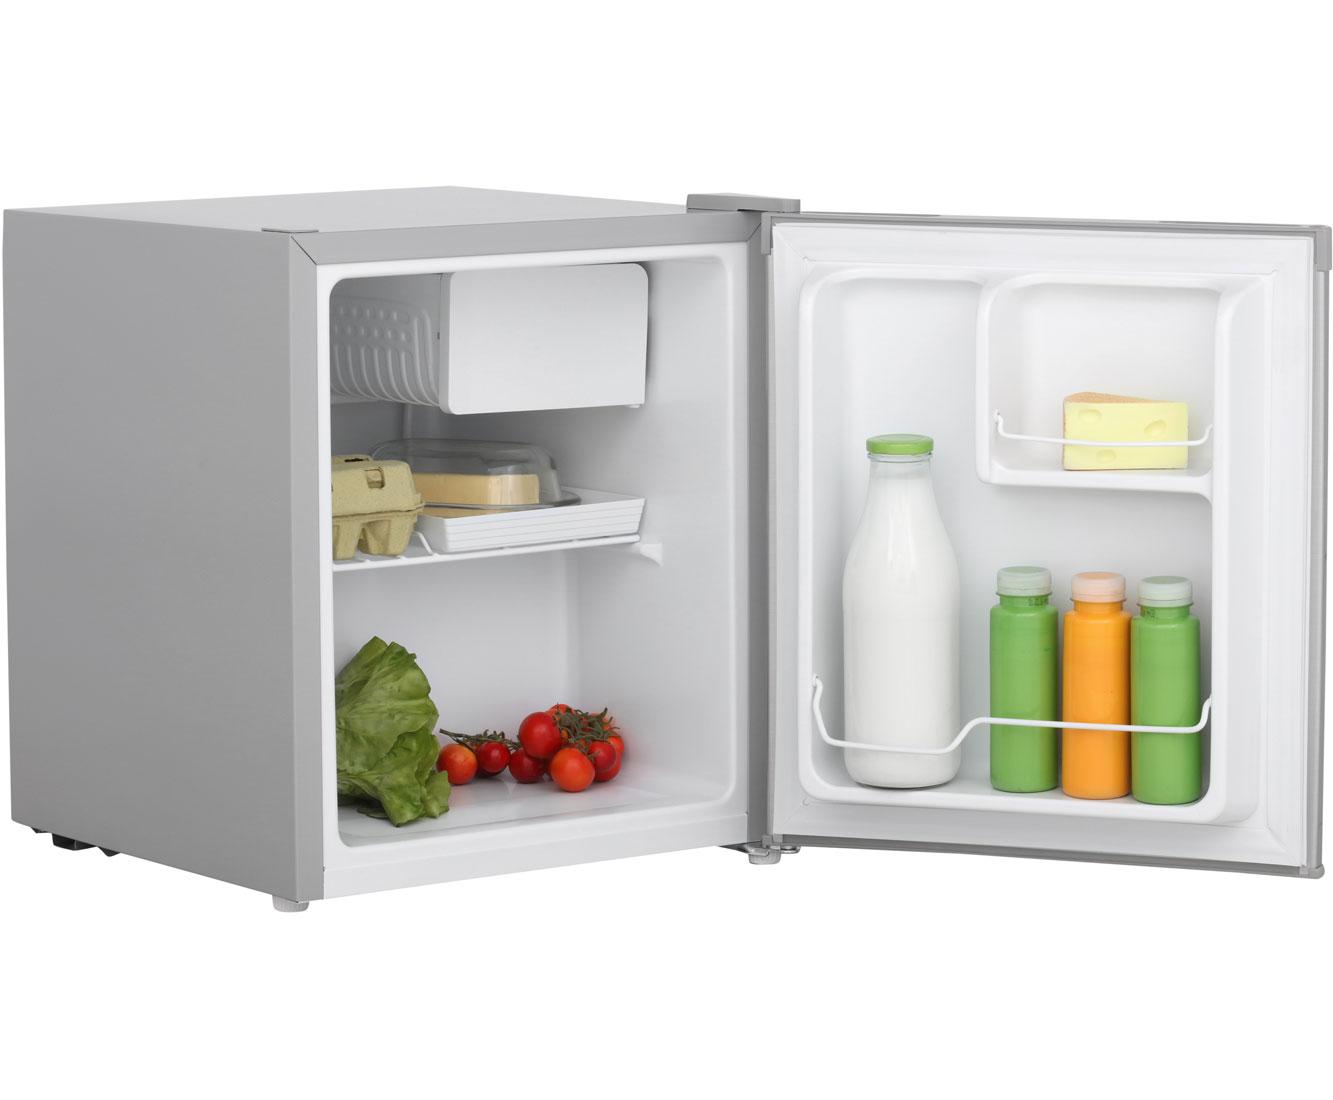 Bomann Kühlschrank Produktion : C bomann bomann retro doppeltür kühlschrank dtr rot